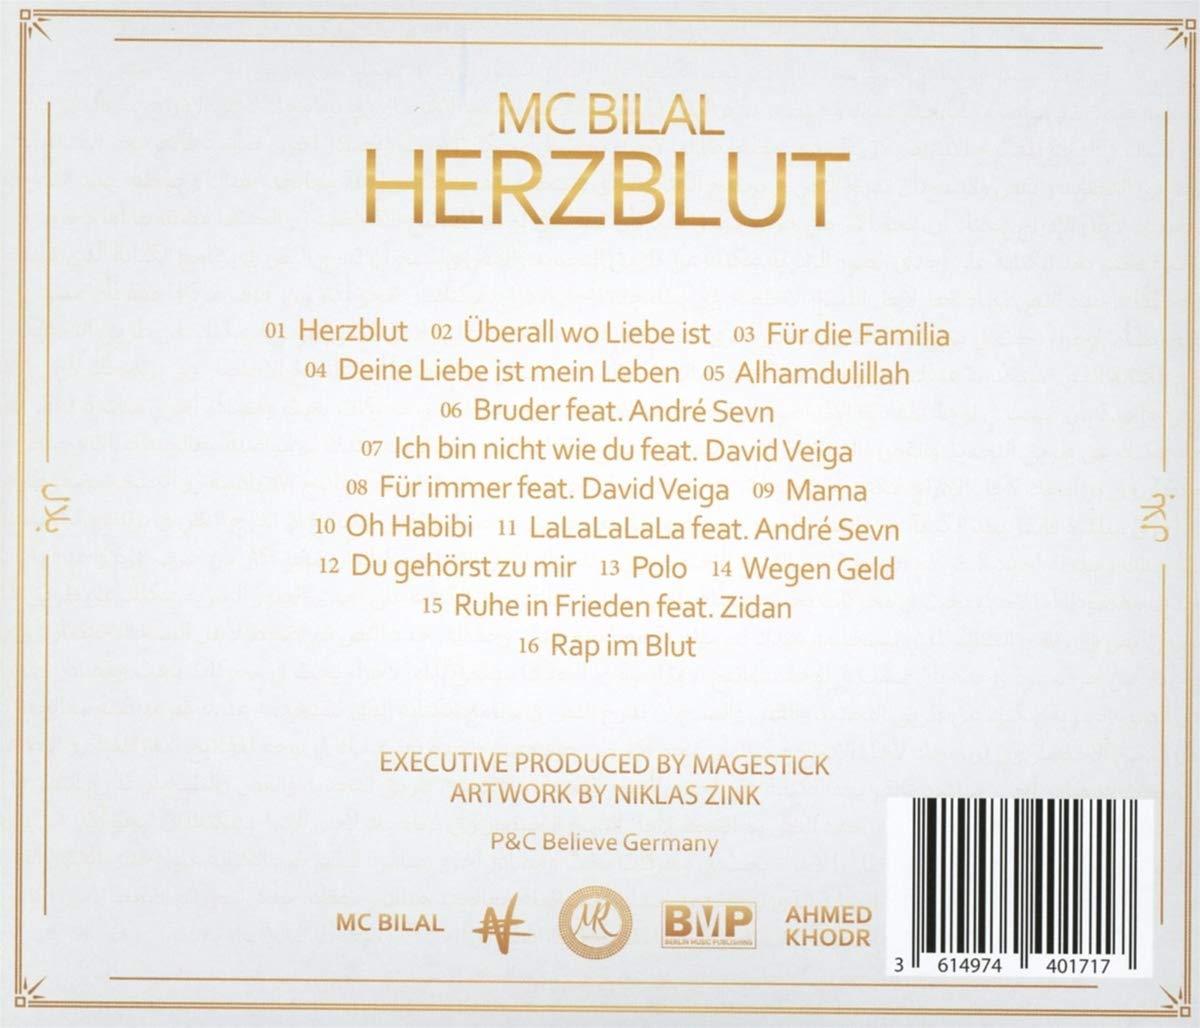 Herzblut Handsigniert Mc Bilal Amazon De Musik